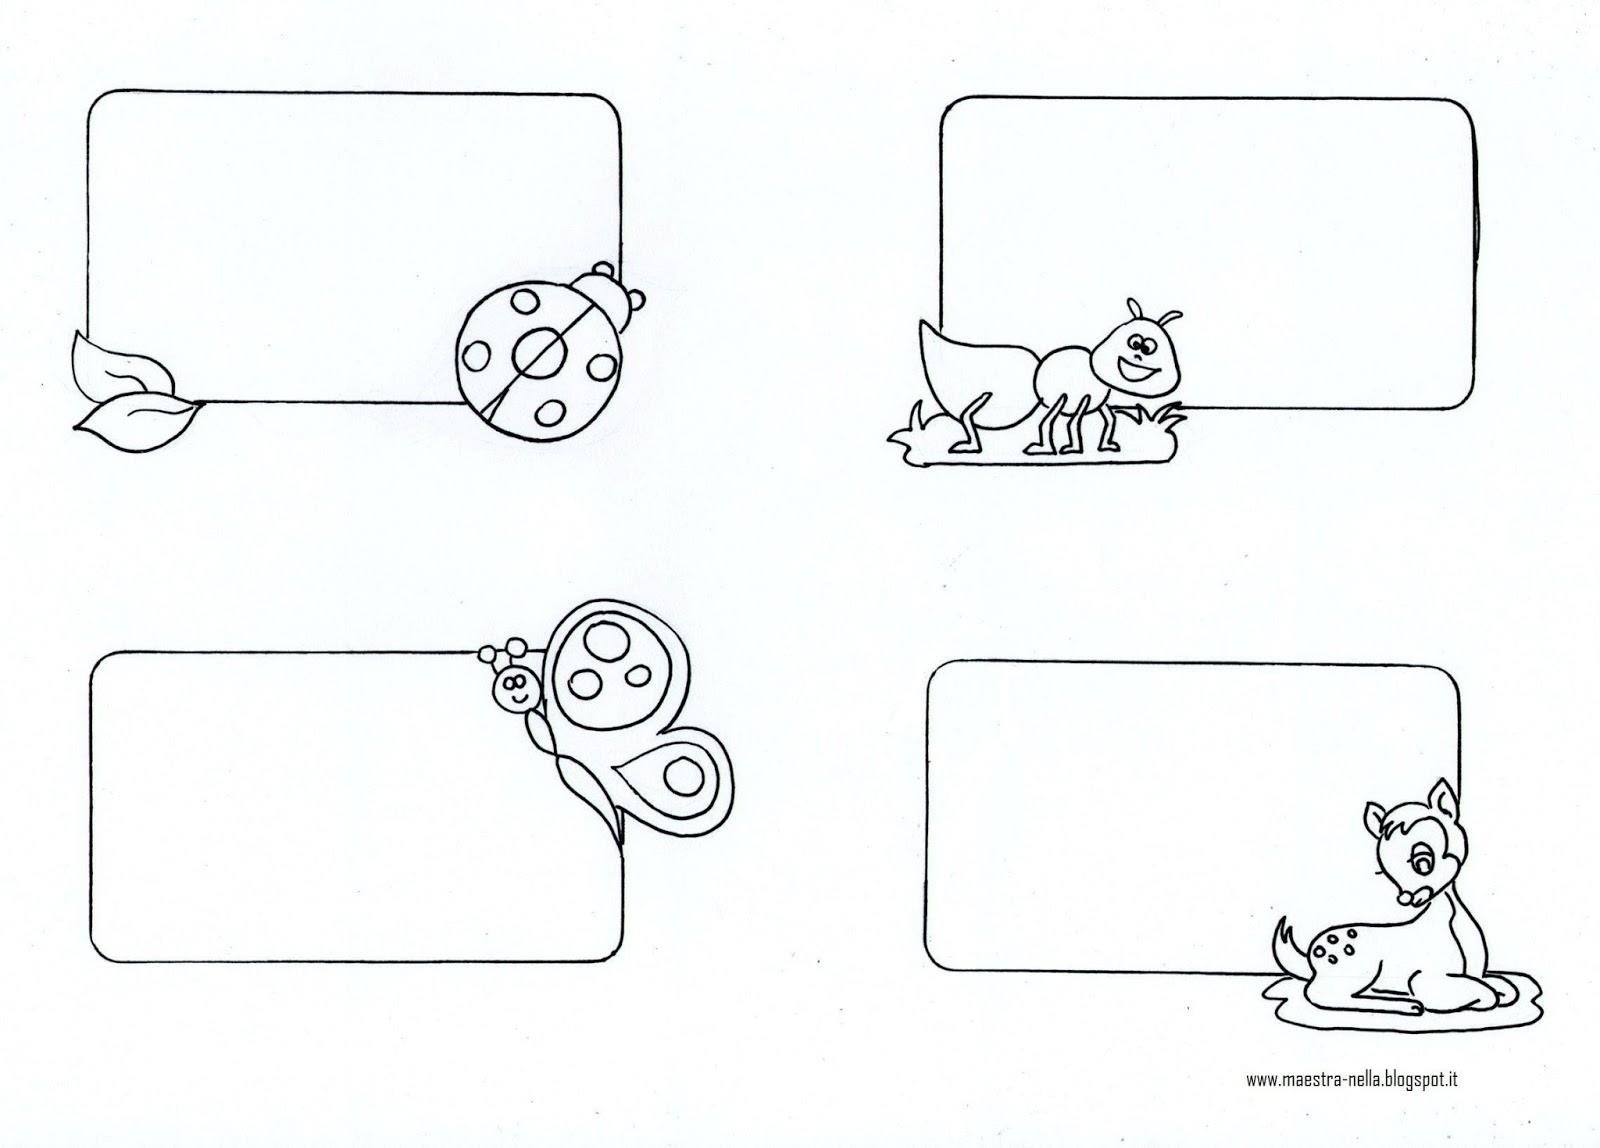 Maestra nella segnaposto o etichette - Libri da colorare gratuiti da stampare ...